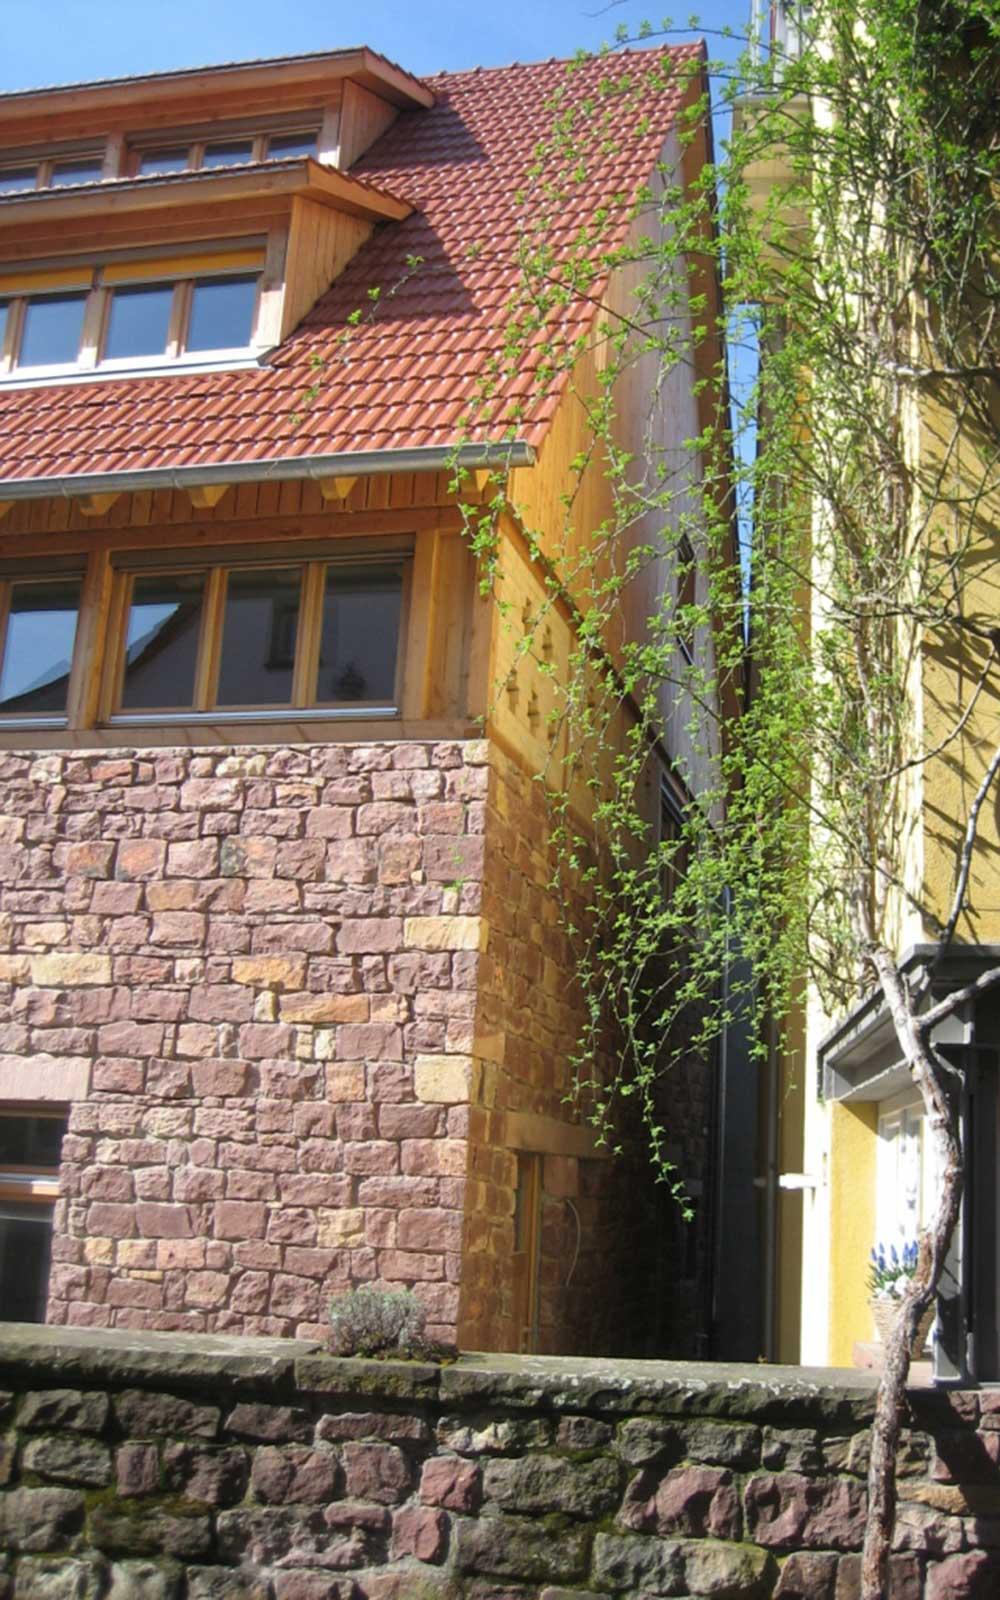 Scheunenausbau in Heidelberg Handschuhsheim, Architekturbüro Heidelberg: Kochhan und Weckbach